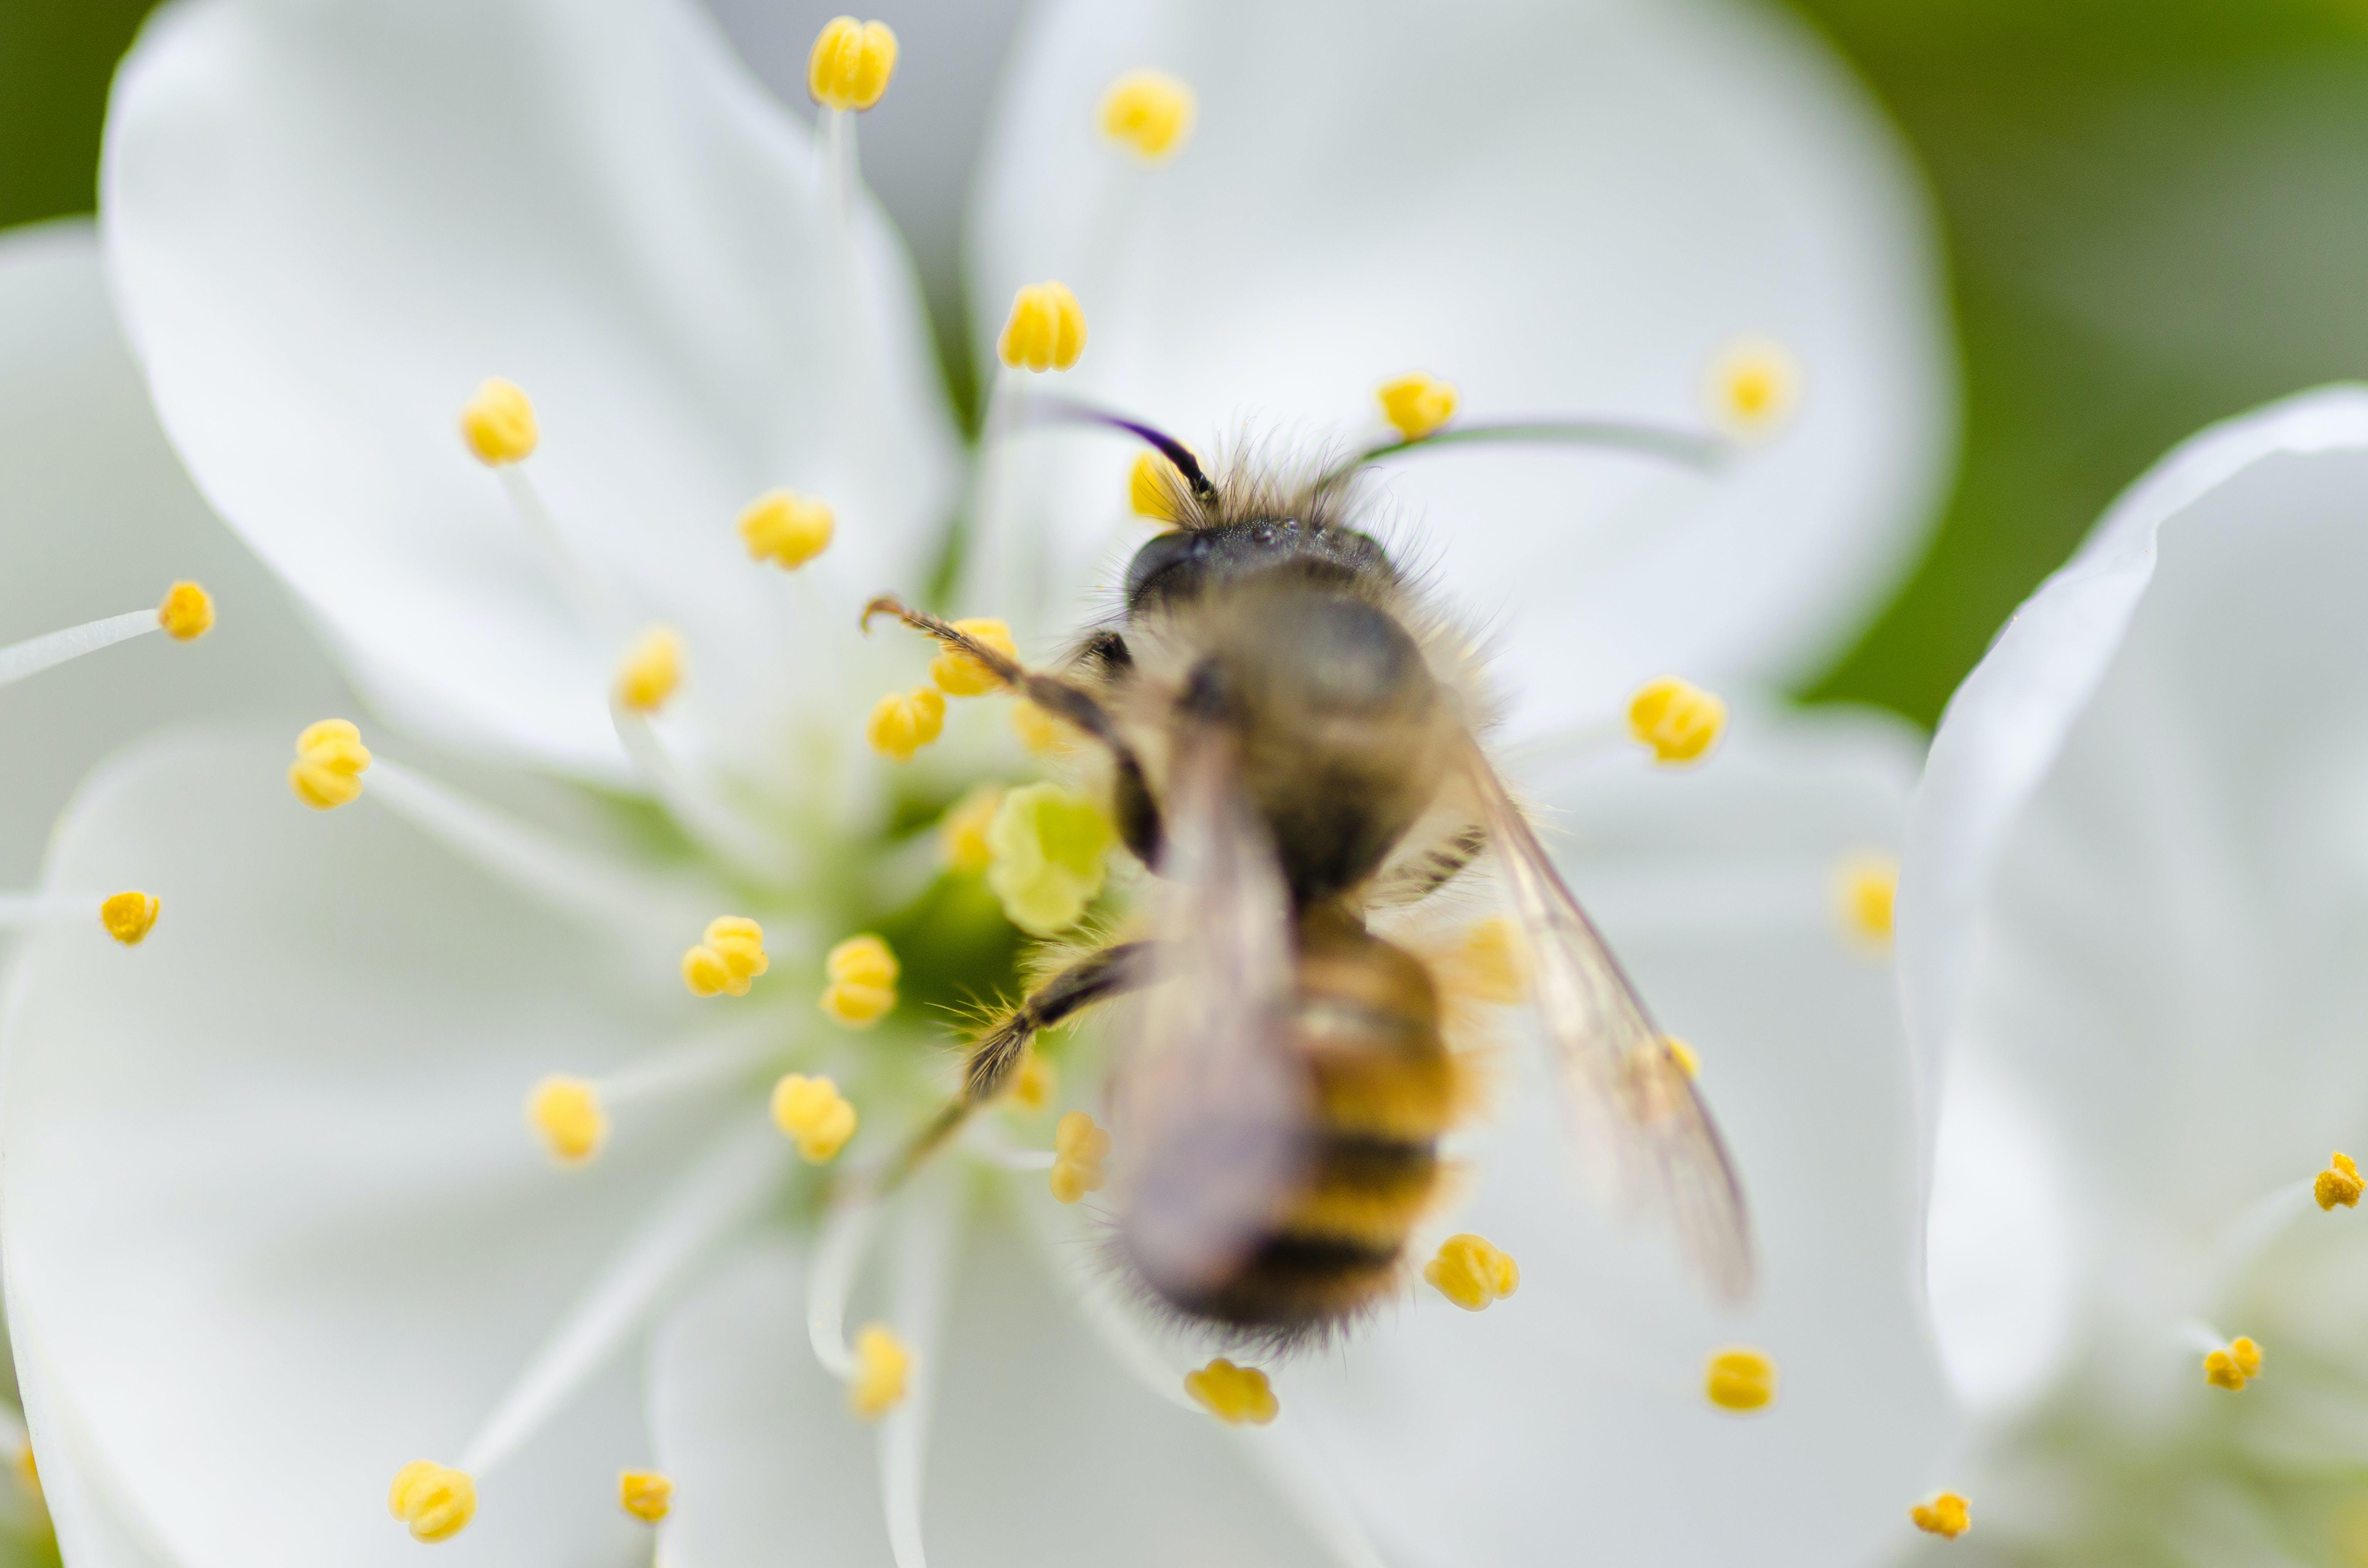 Brown Honey Bee on White Flower